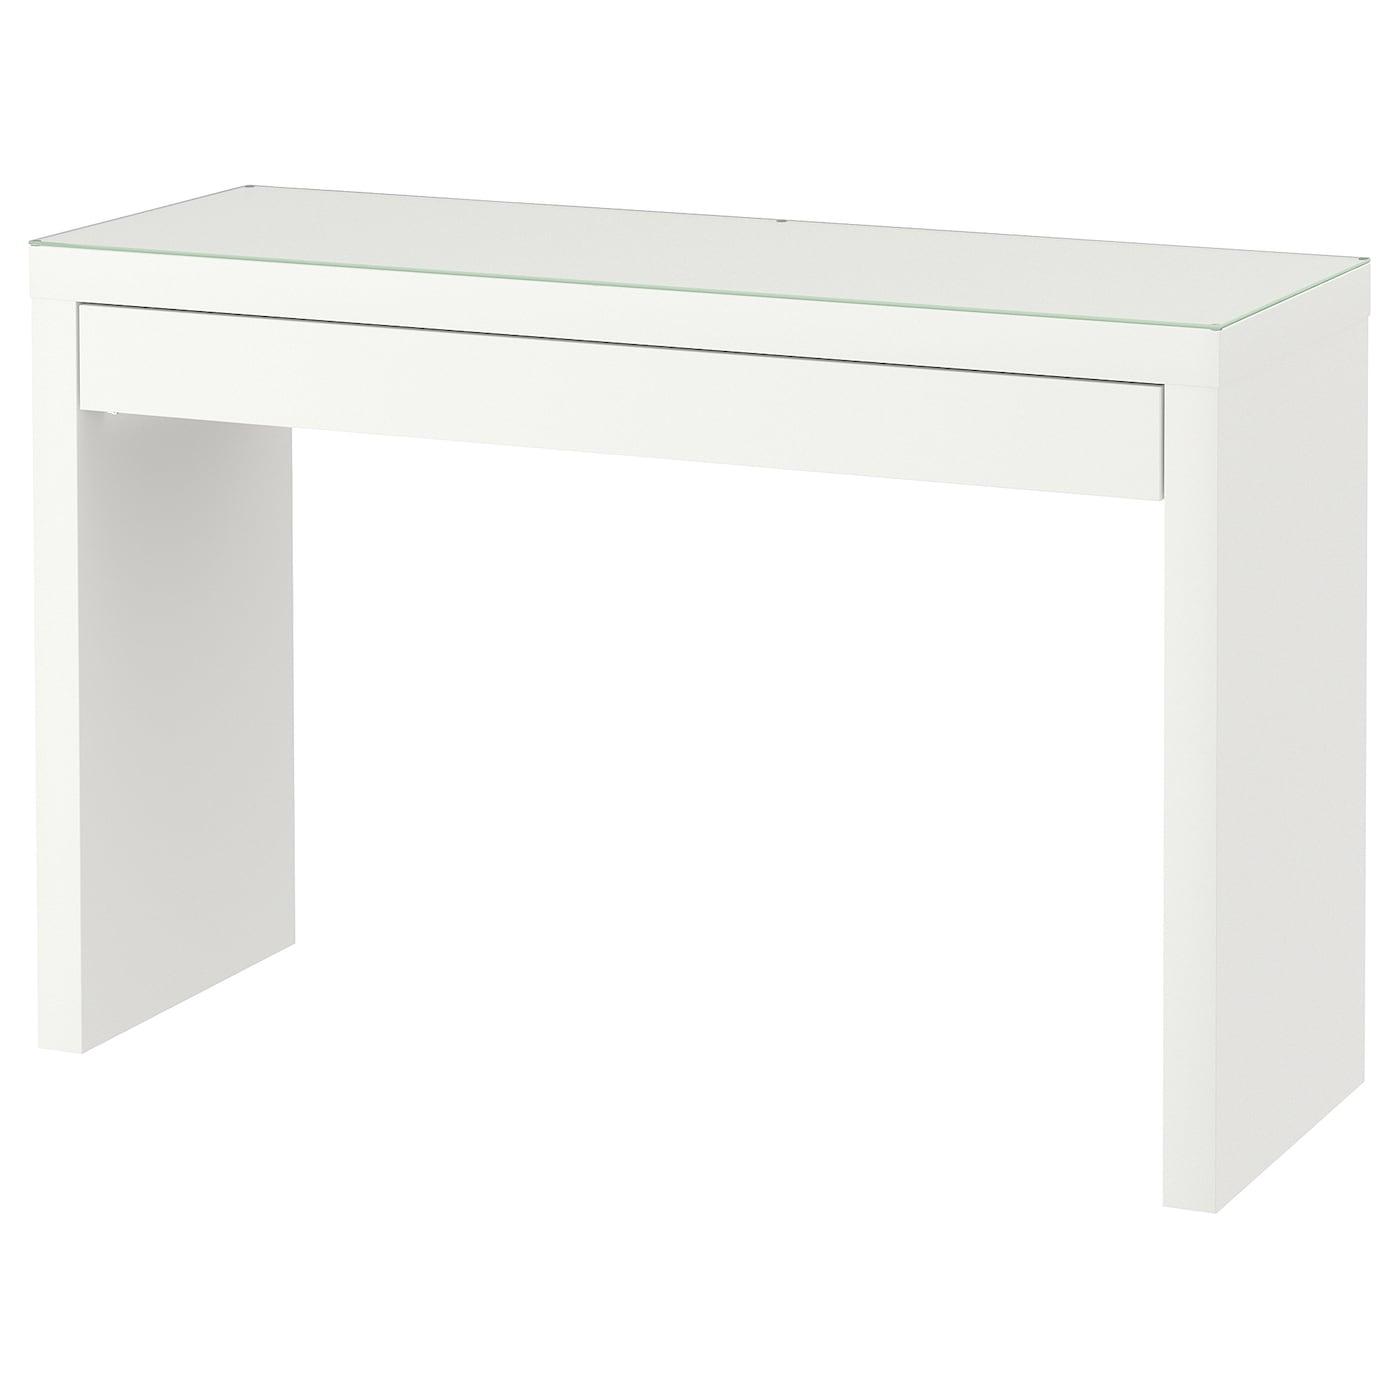 Ikea Meuble Blanc Laqué malm coiffeuse - blanc 120x41 cm